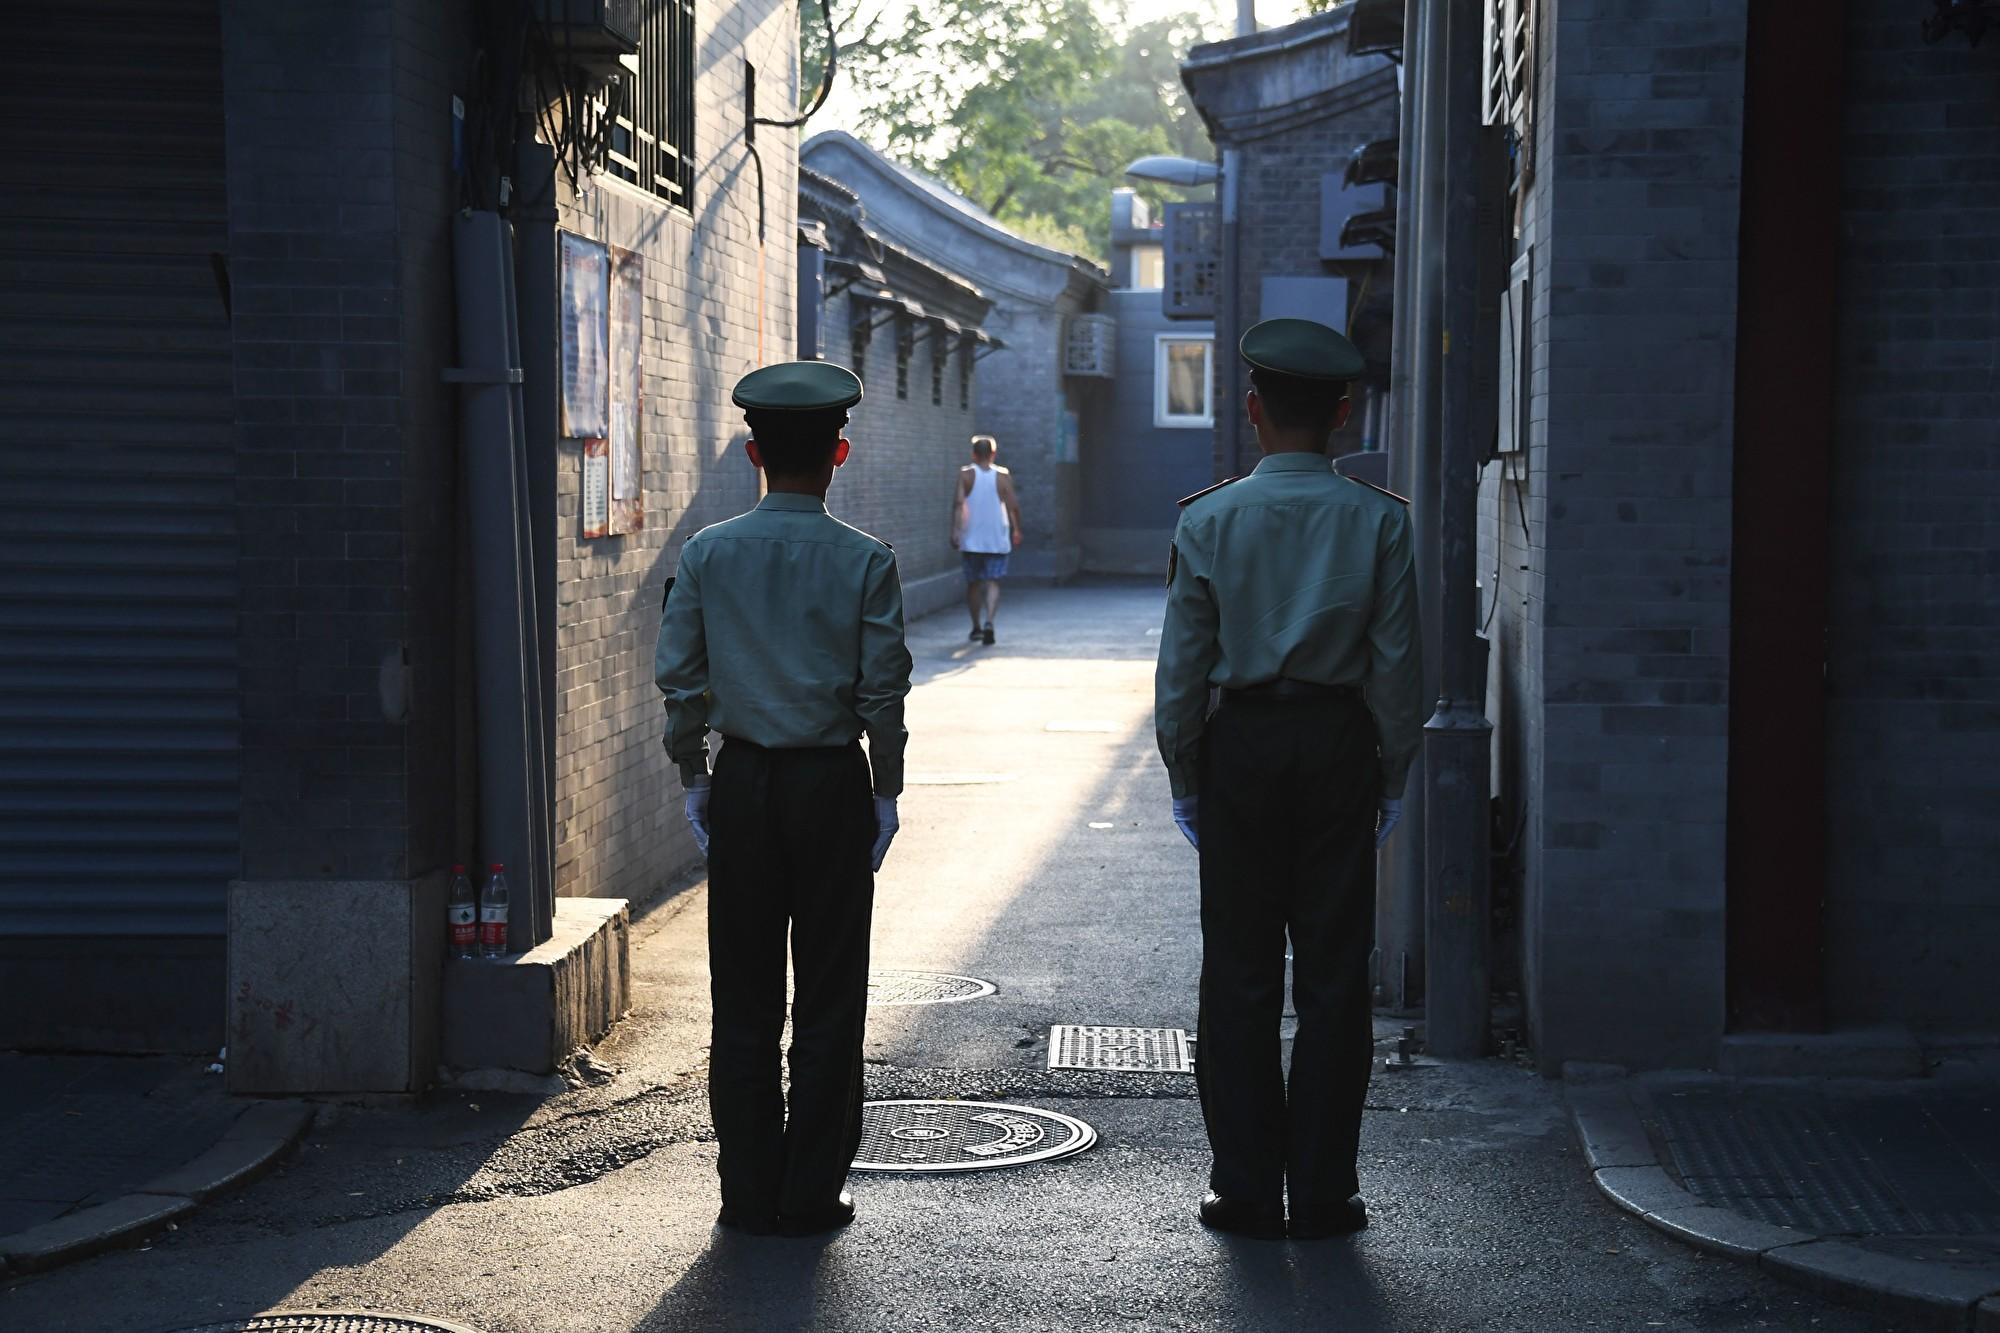 周曉輝:北京十一前穩大陸穩美國香港的背後